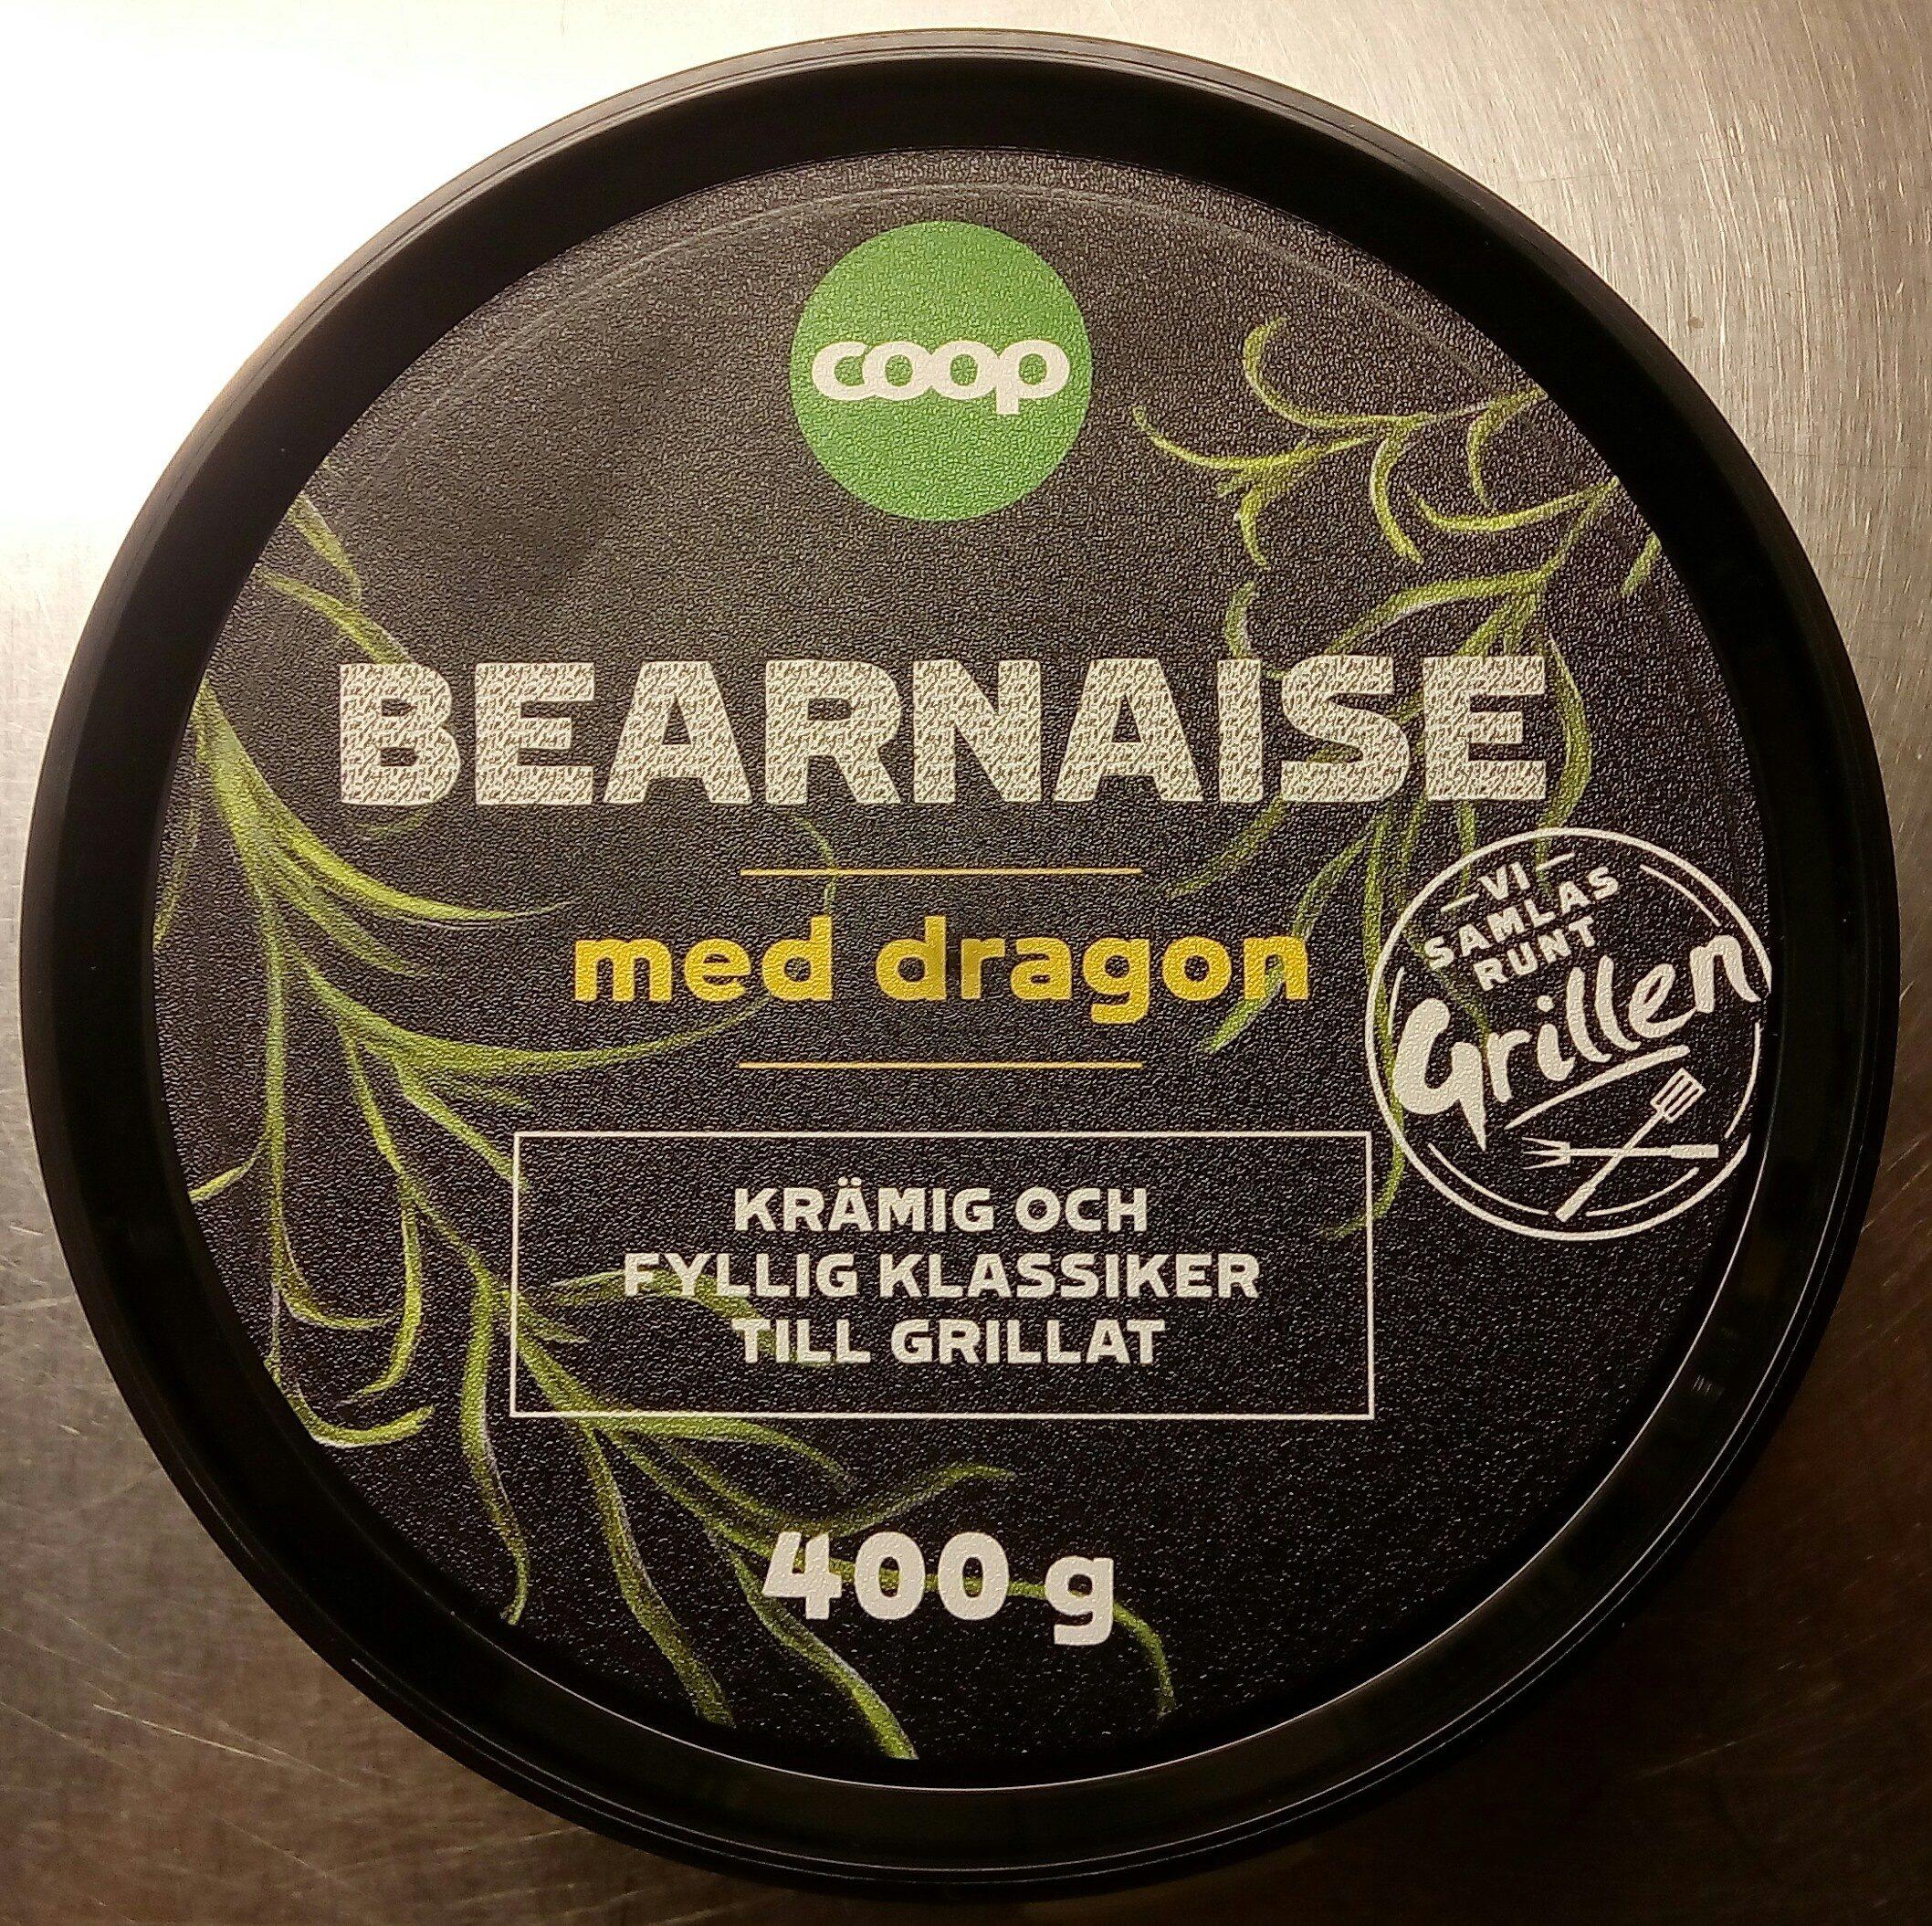 Coop Bearnaise med dragon - Produit - sv